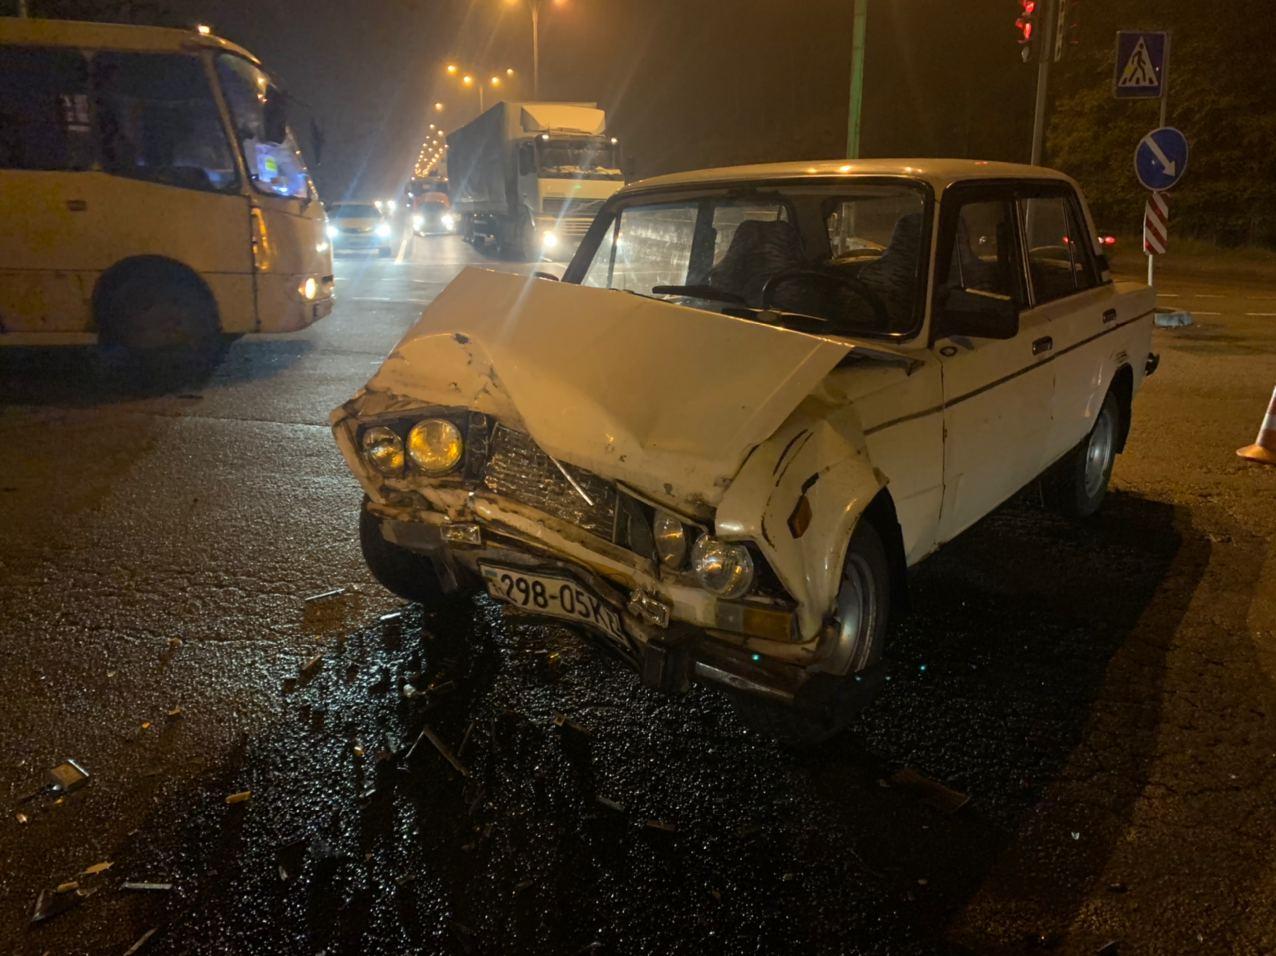 У Києві водій намагався «проскочити», а скоїв ДТП - ДТП, ВАЗ, Аварія на дорозі - IMG 20201116 072903 295